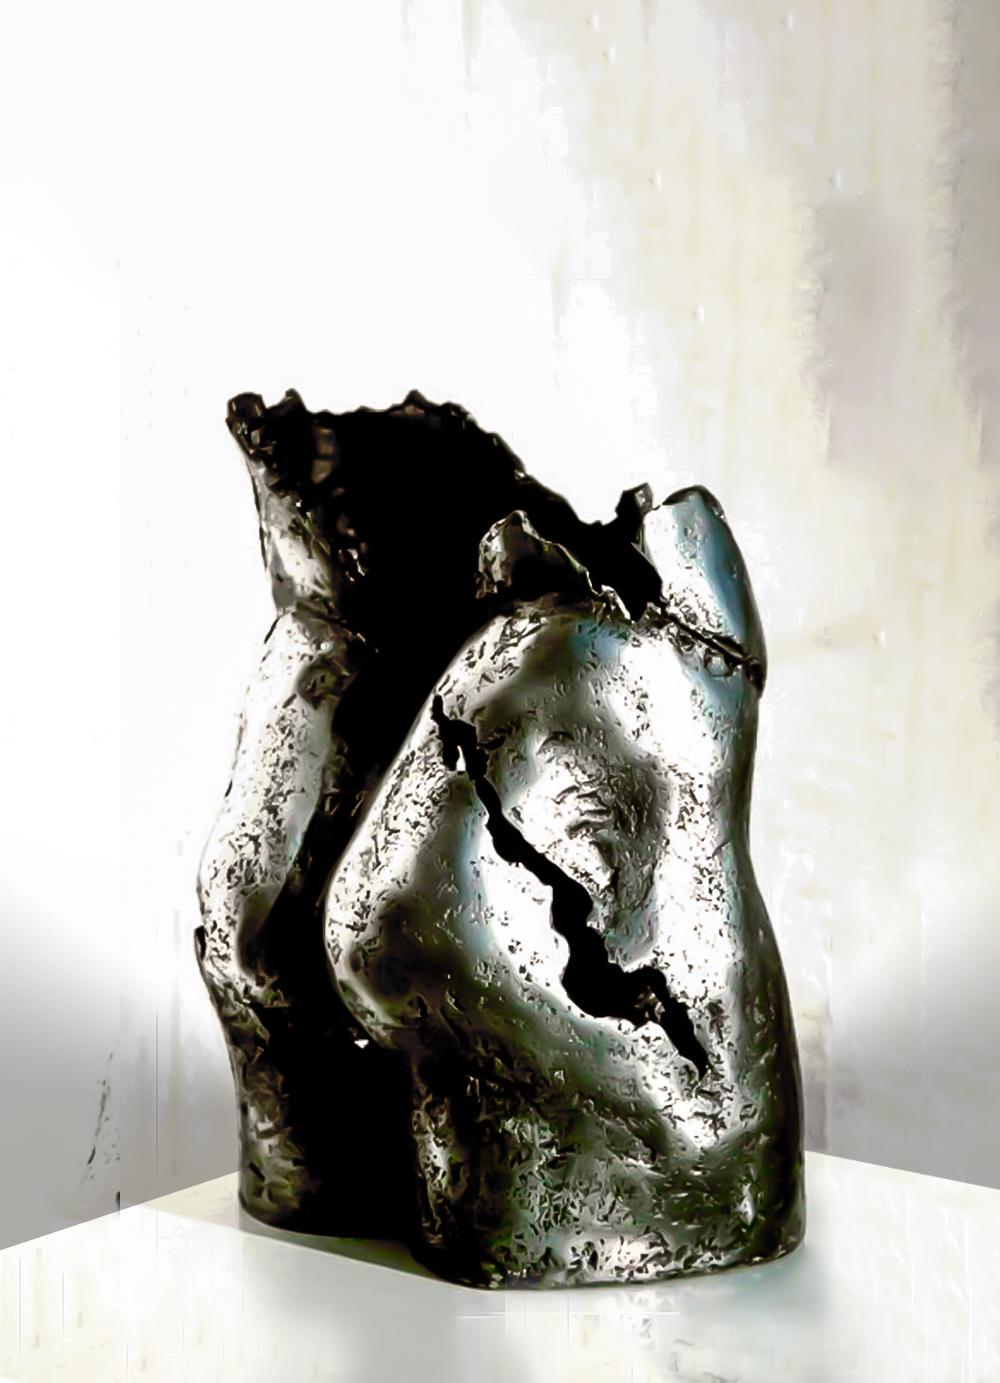 Escultura-Pelvis-Aluminio-B-C.Danone-RD.Escultor